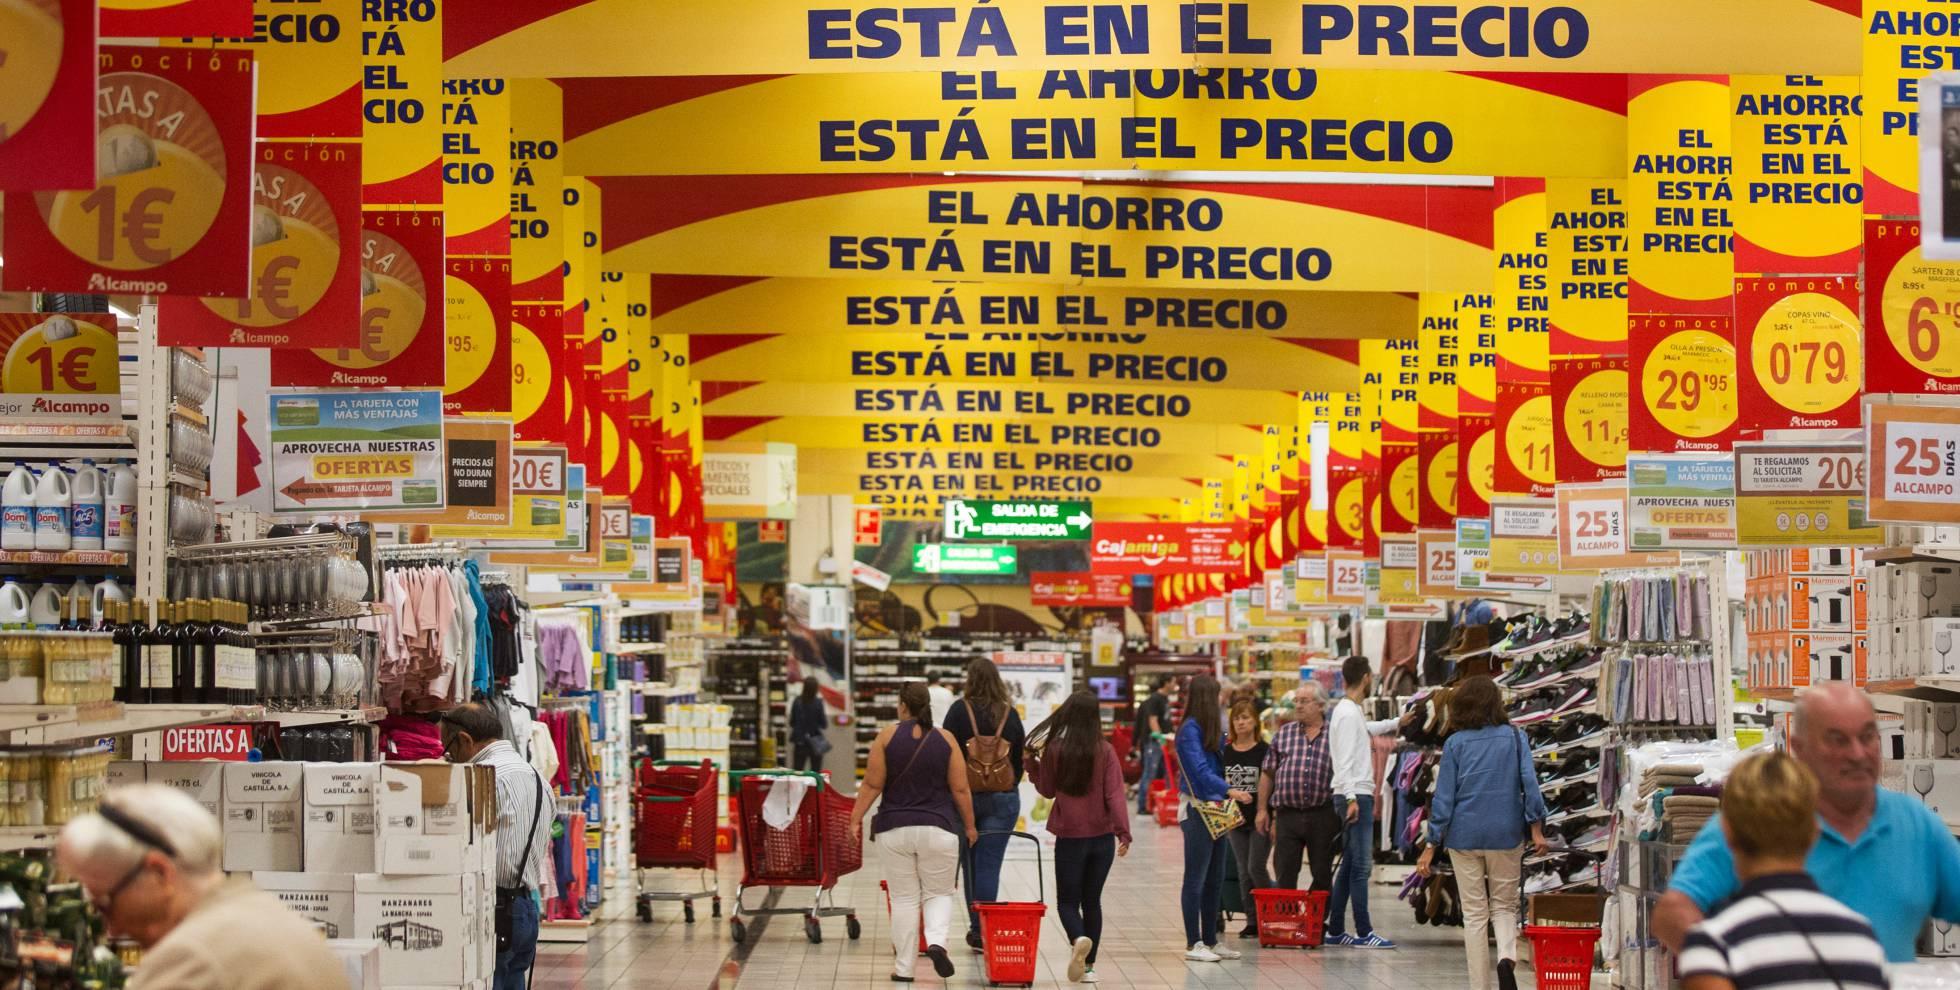 """""""Libre mercado"""", """"mercado libre"""", demanda, oferta... - Página 5 1487961501_393387_1487961687_noticia_normal_recorte1"""